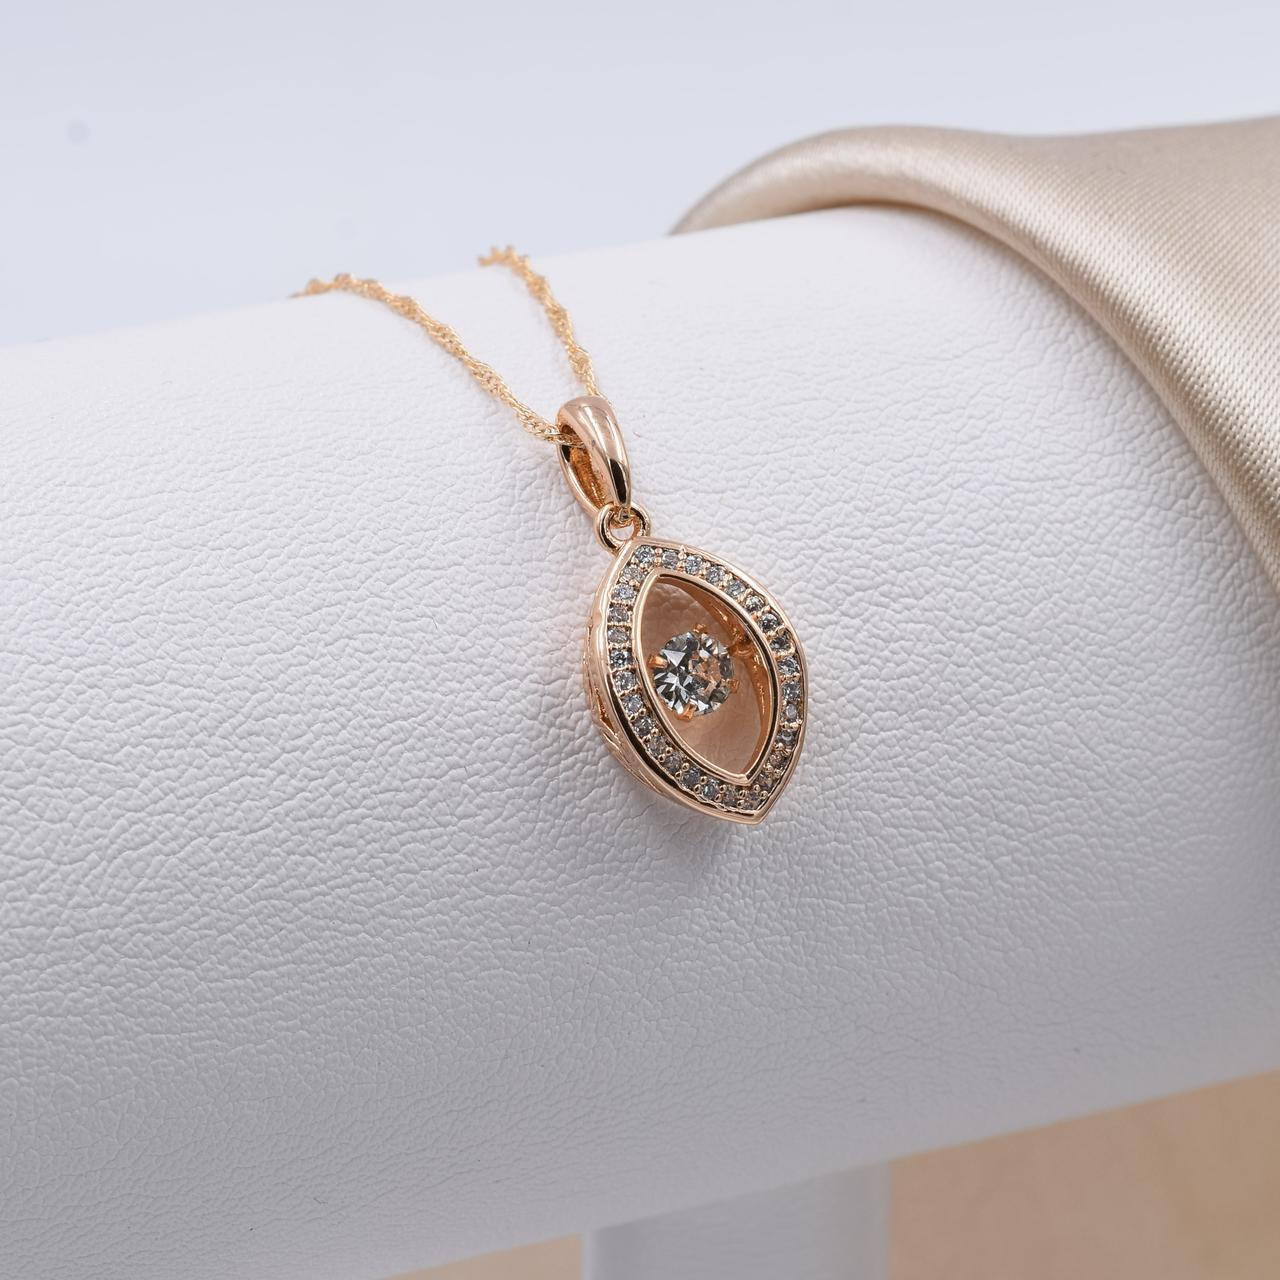 Колье Xuping 51980 цепочка длина 45 см + кулон 21х10 мм вес 2.1 г белые фианиты позолота 18К